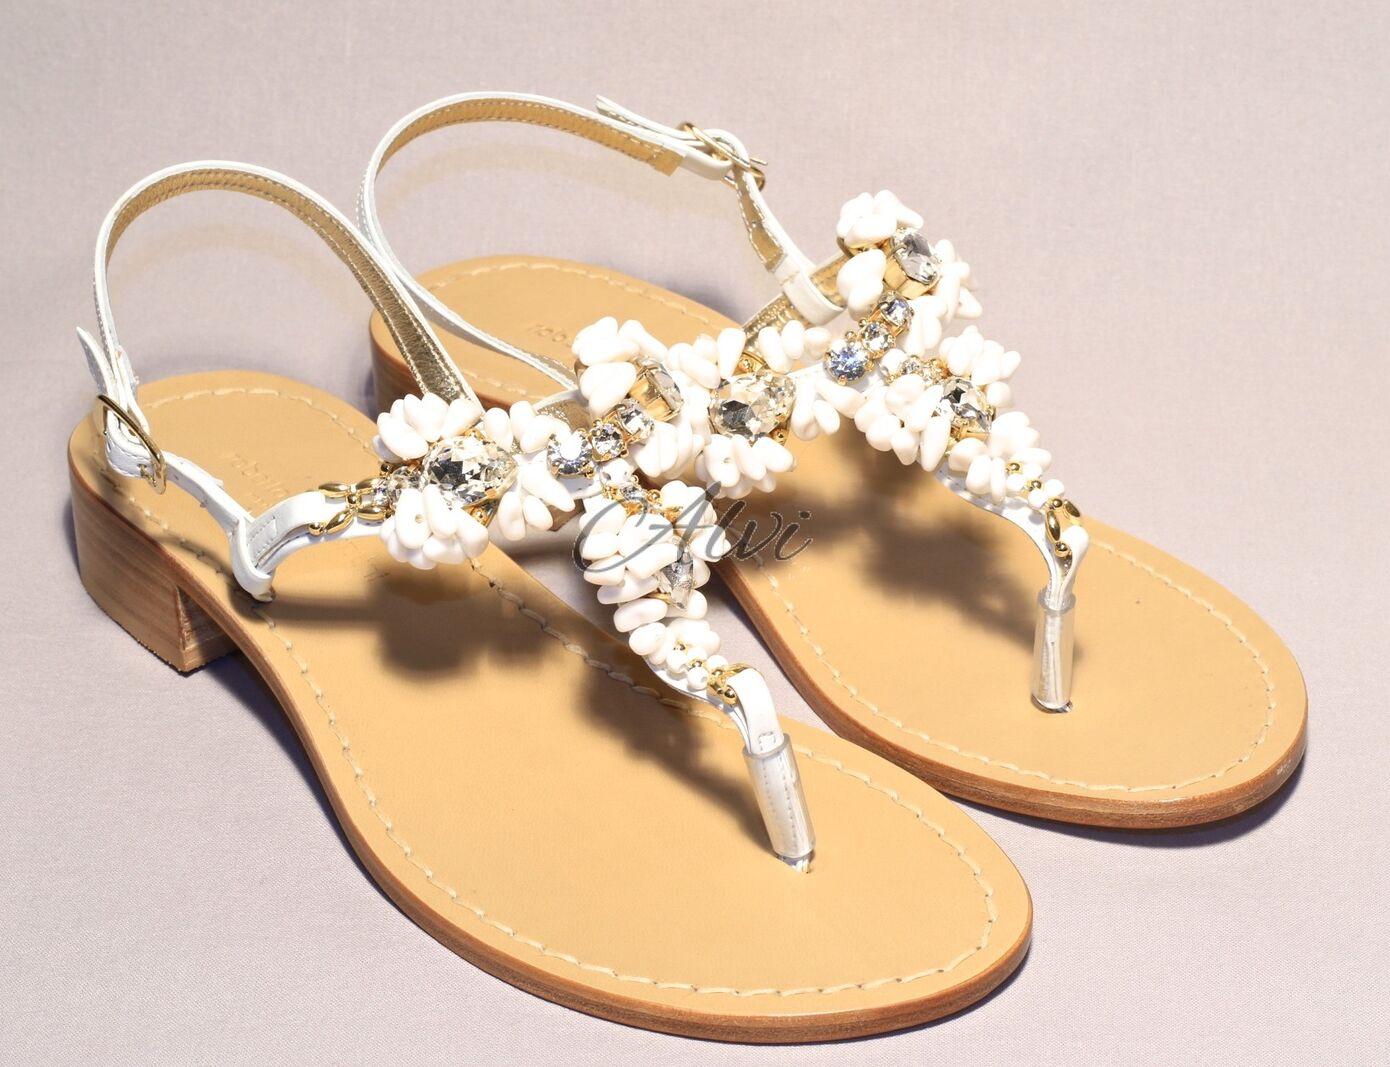 Sandali bianchi con coralli 1fa41d9ae70